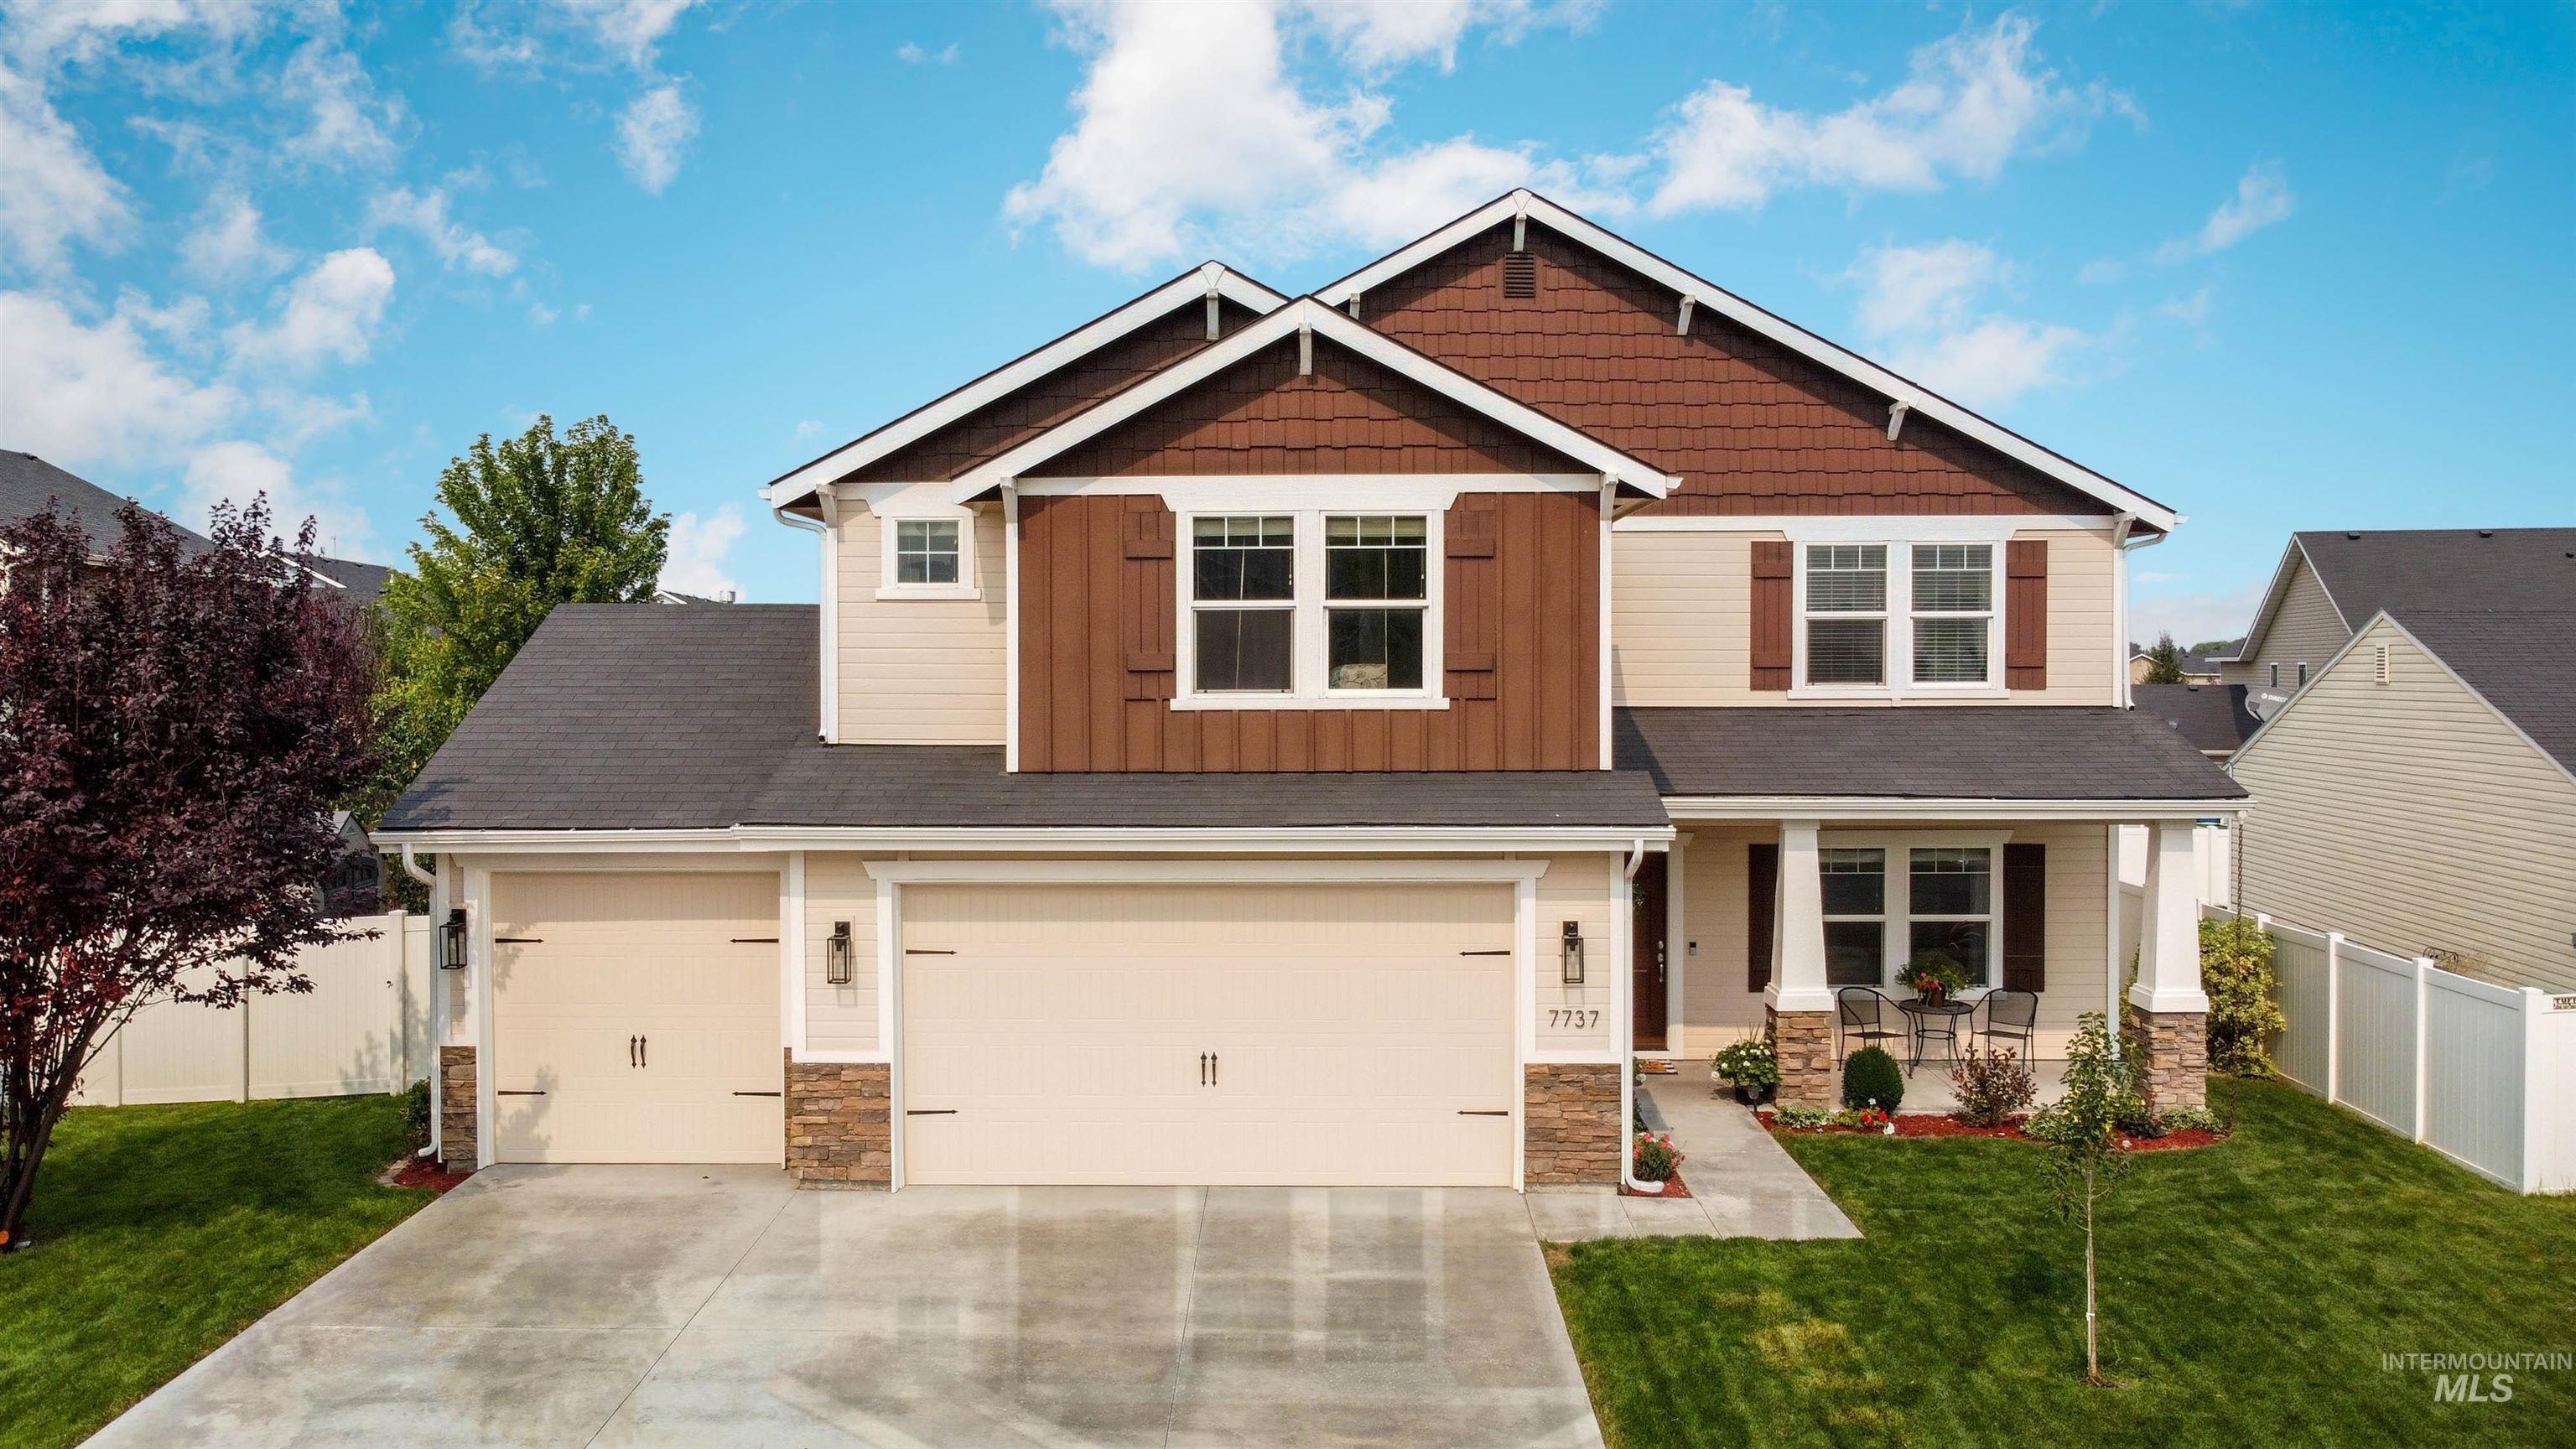 7737 S Rudder Ave Property Photo